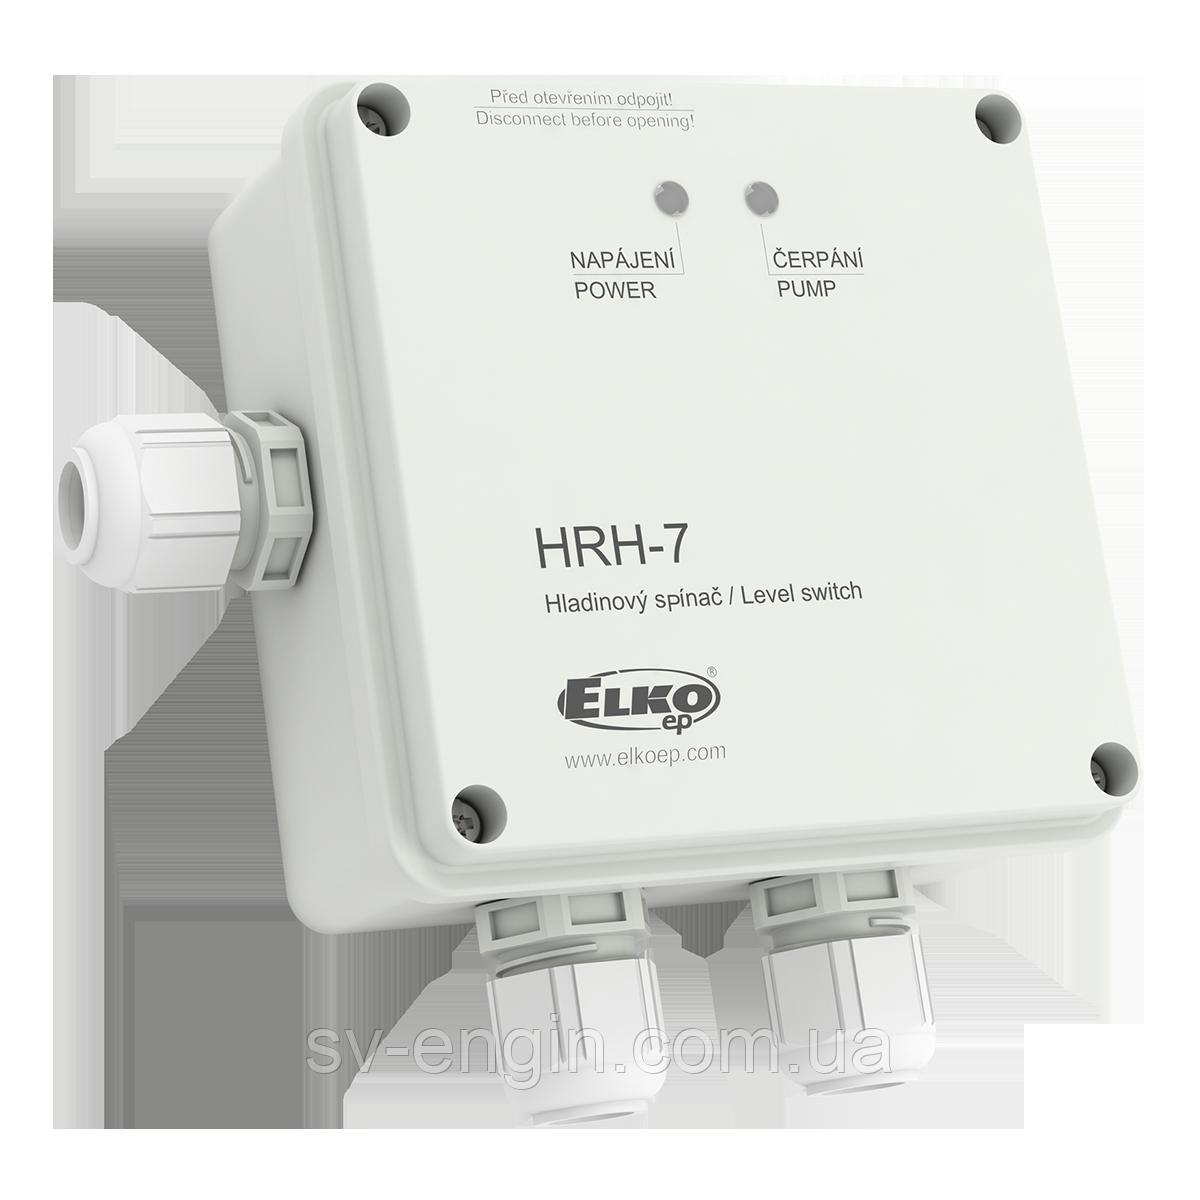 HRH-7 — контроллер уровня жидкости cо степенью защиты IP65 и универсальным питанием (сигнализатор уровня)